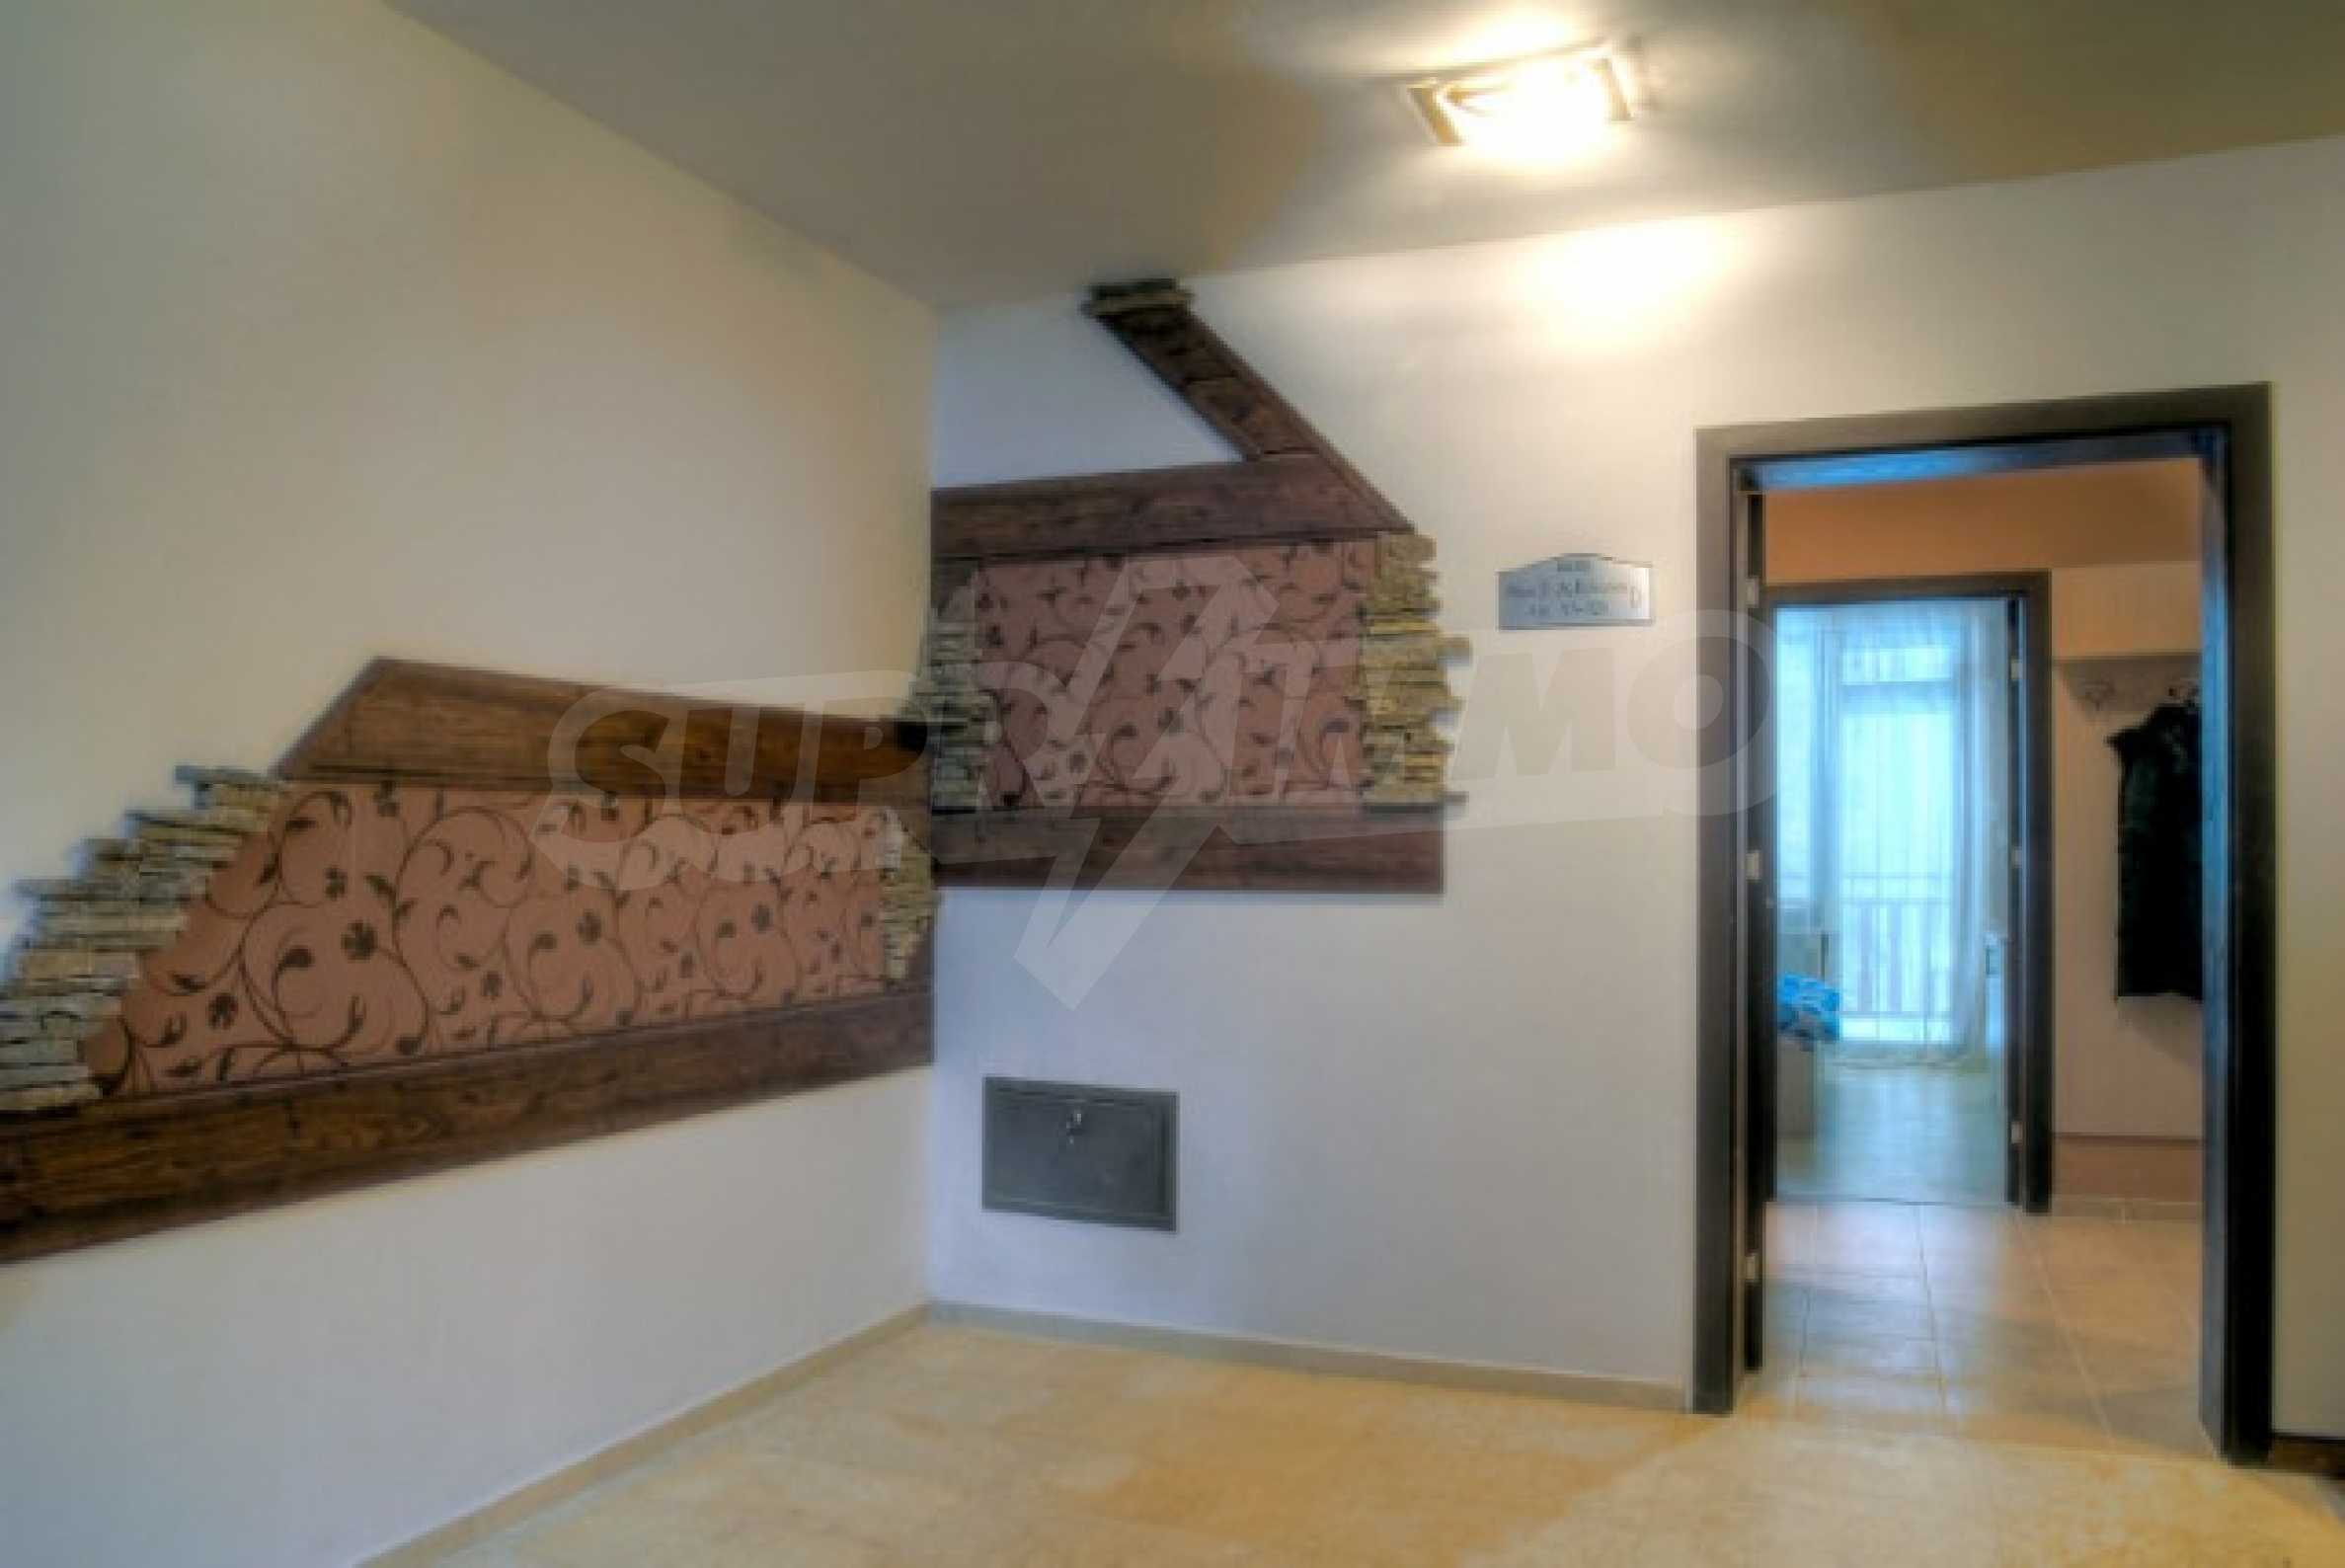 Апартаменти на атрактивни цени в планински ваканционен комплекс в Пампорово 17